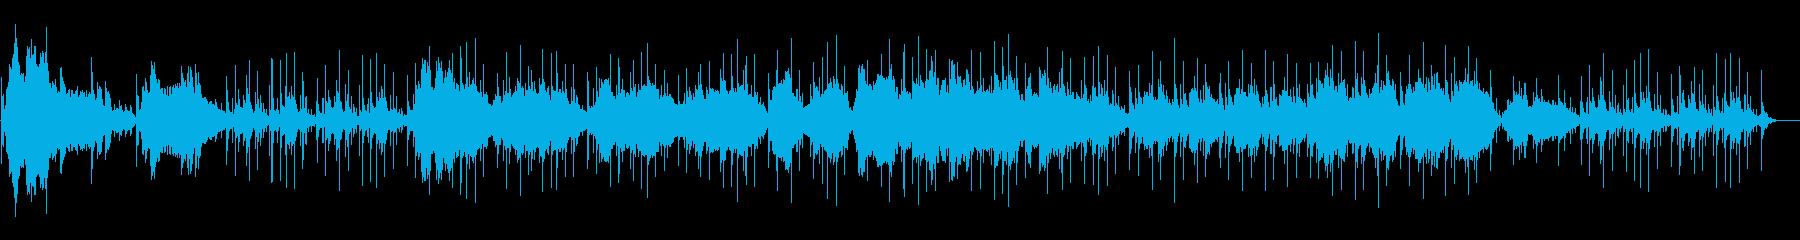 フルートの穏やかな曲【SF的】の再生済みの波形